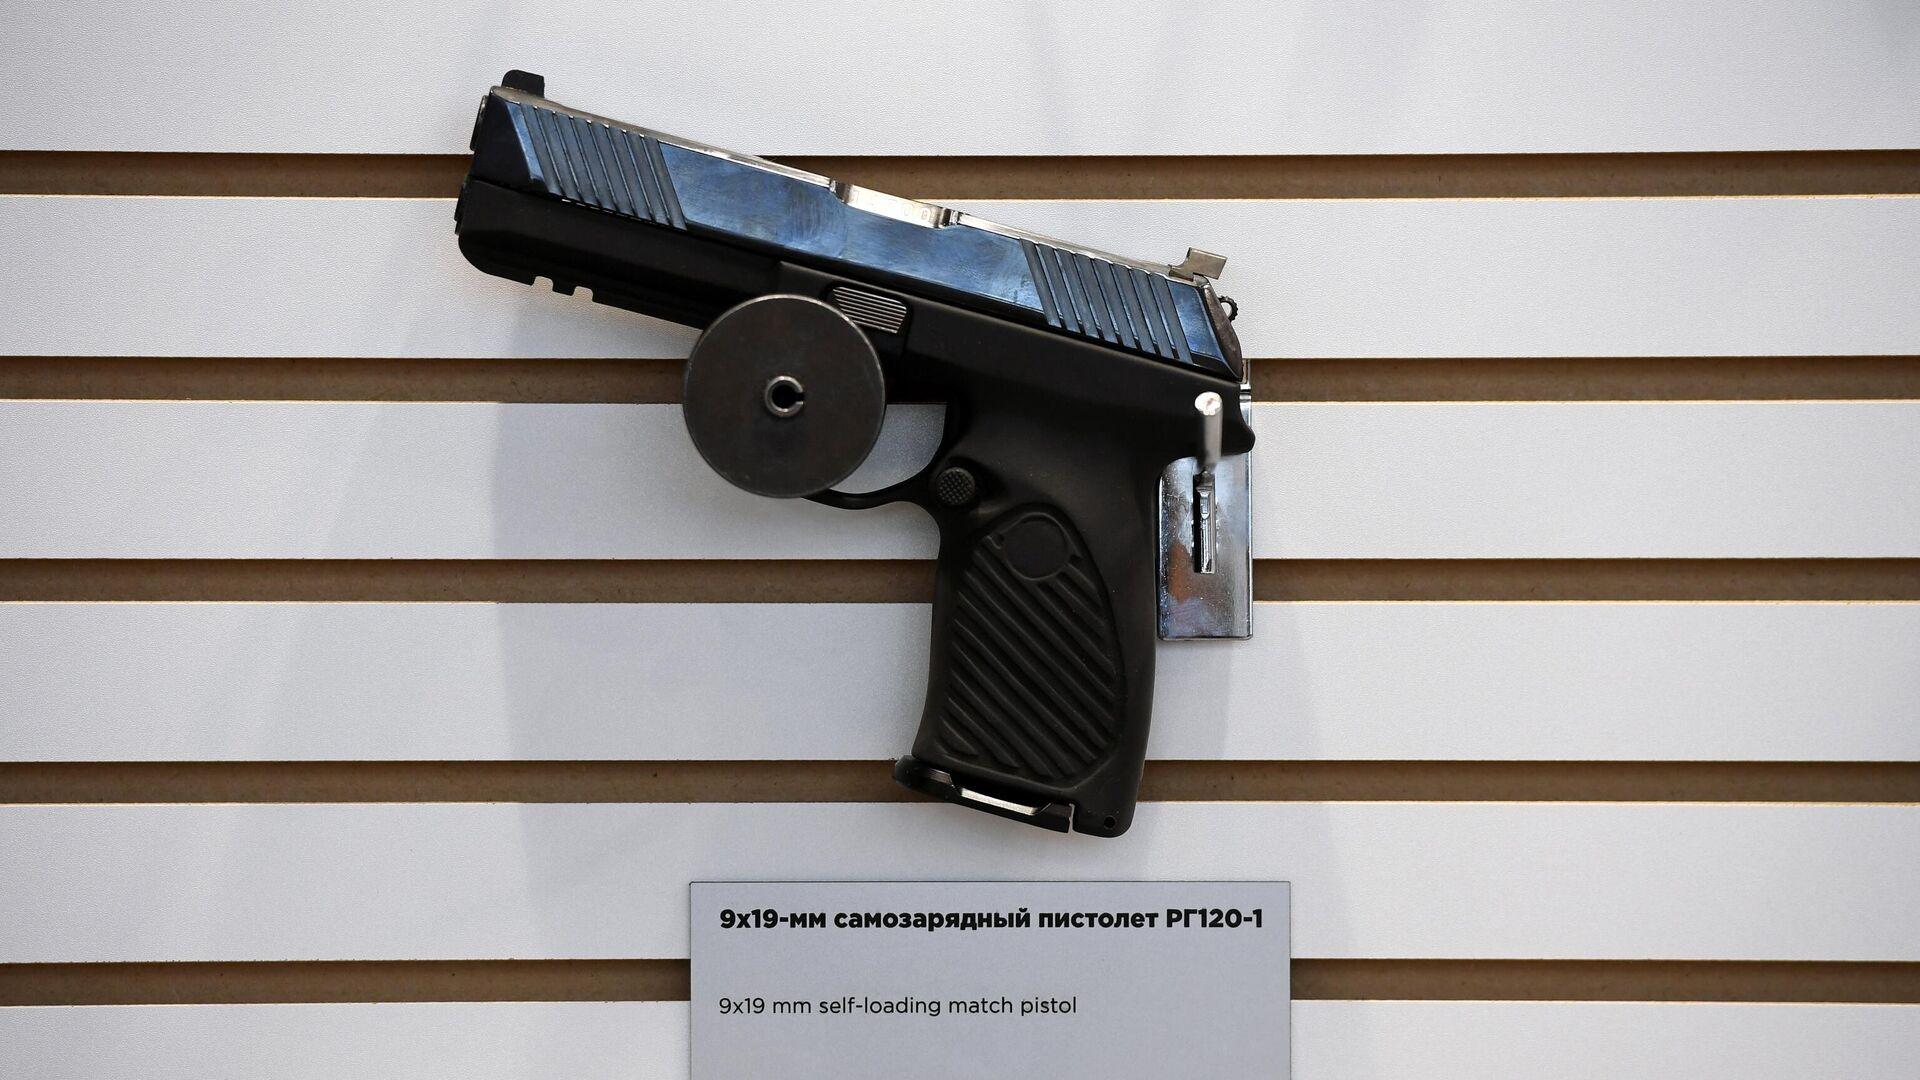 9х19-миллиметровый самозарядный пистолет РГ120-1 - РИА Новости, 1920, 07.10.2020